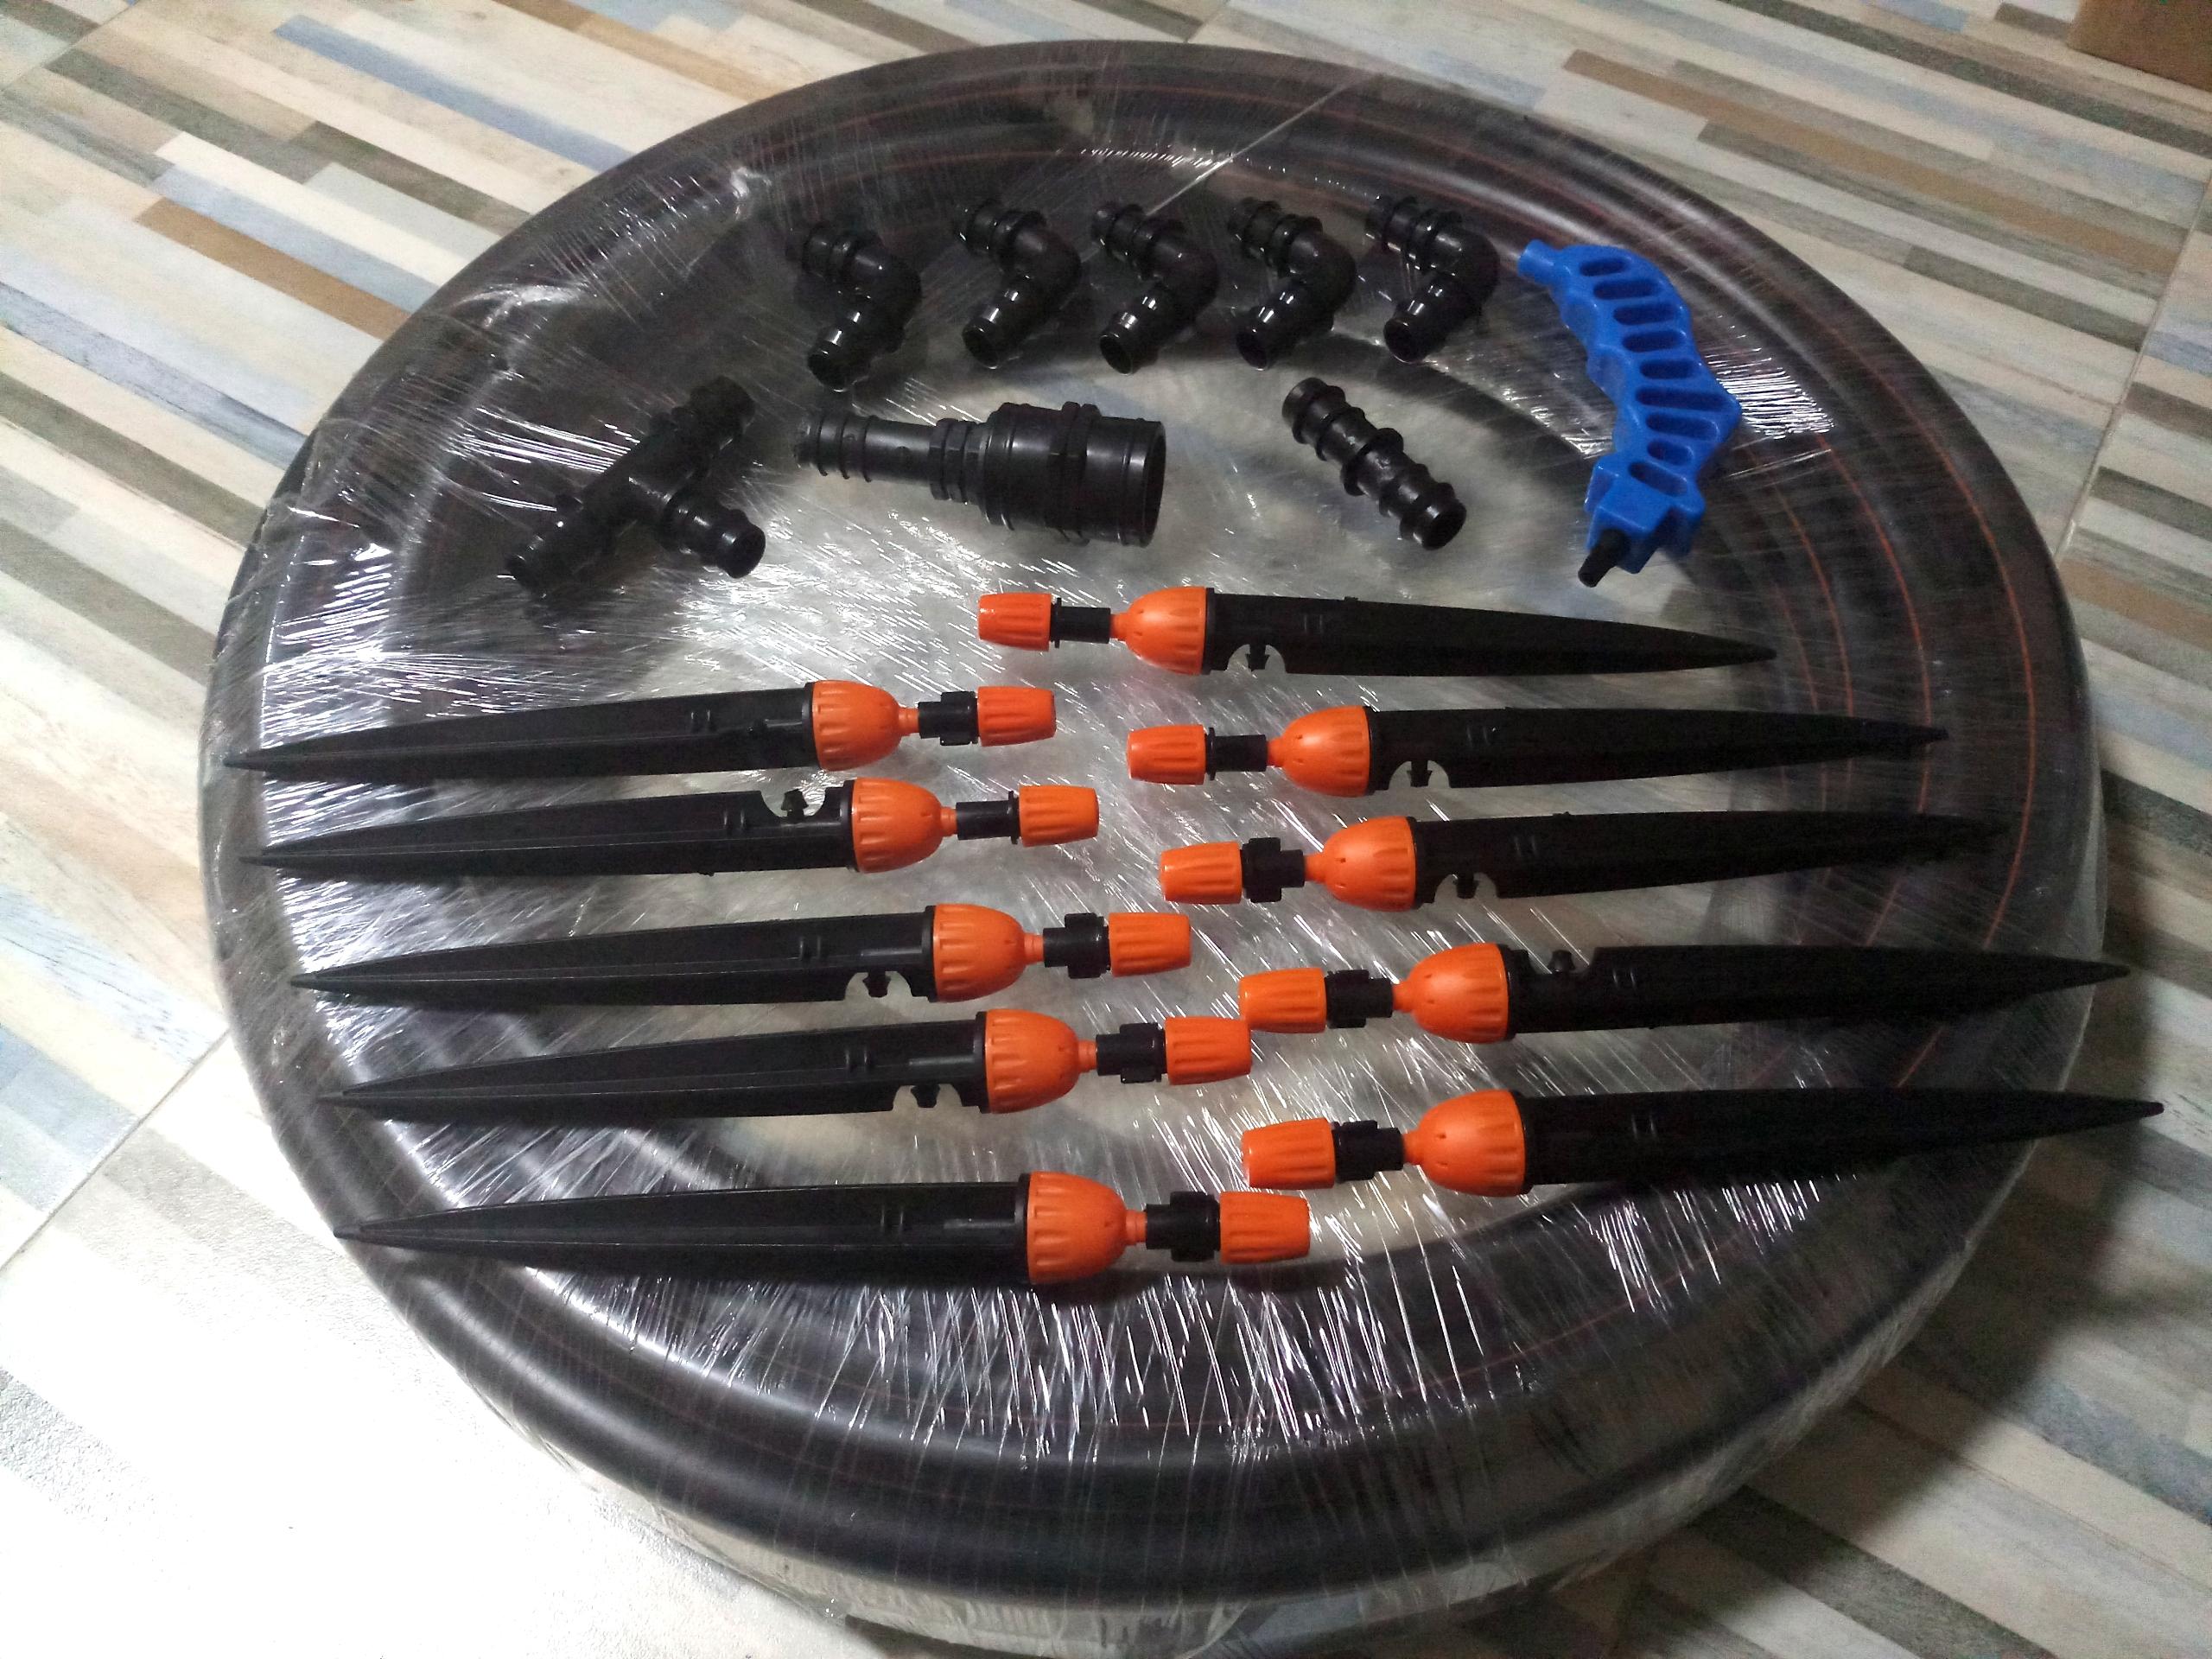 ชุดหัวพ่น 2in1 ท่อ PE 20มม 10 หัว สาย 20เมตร